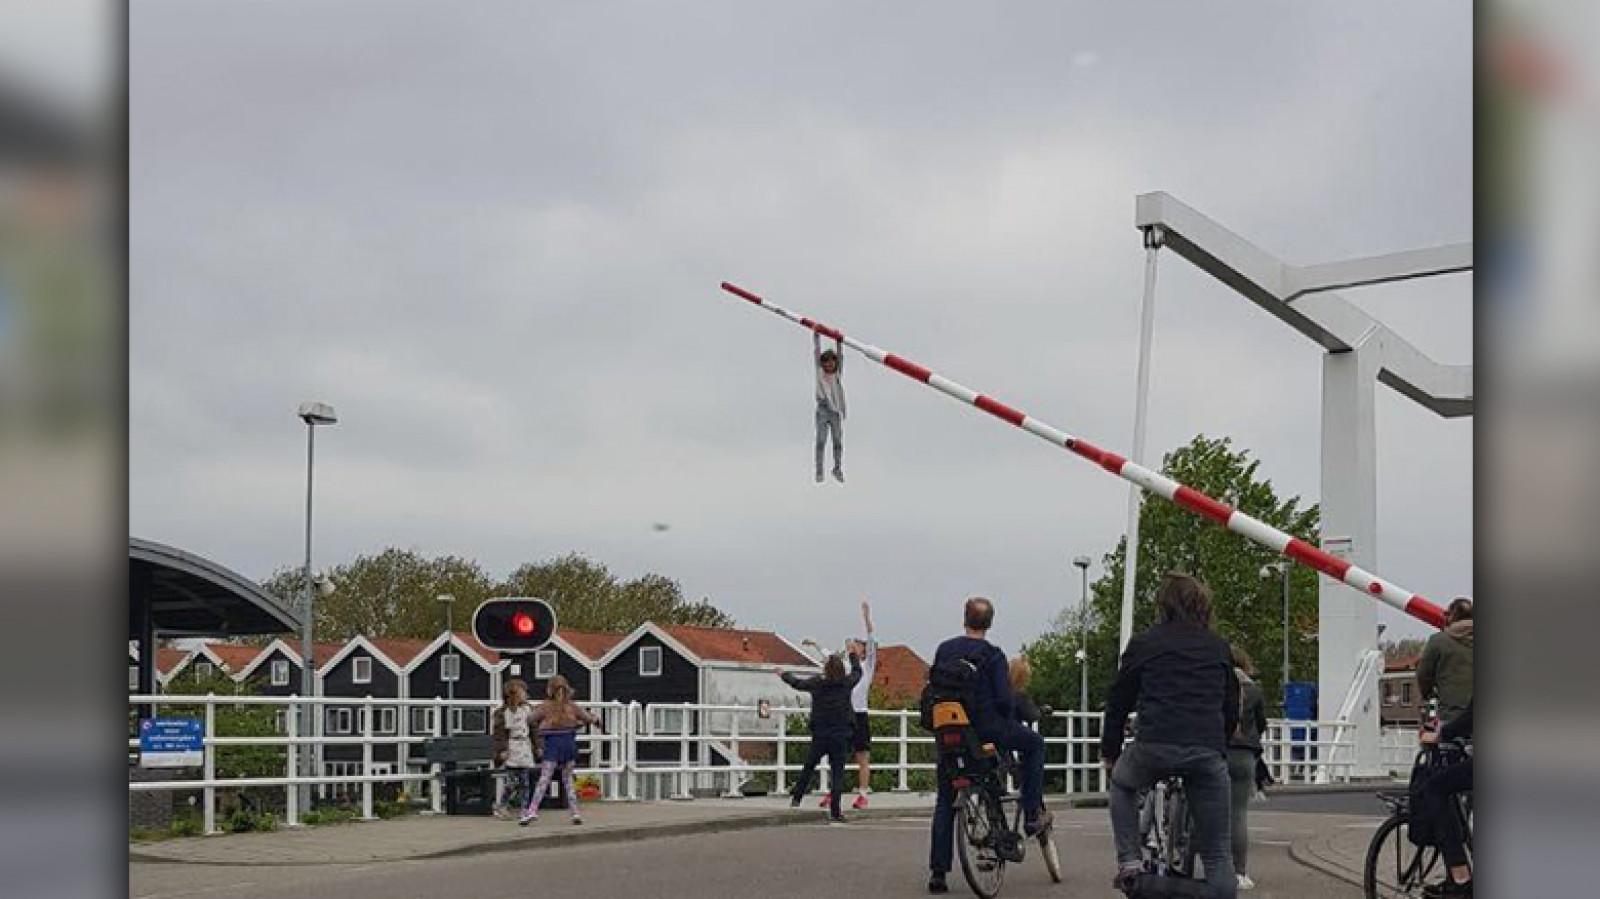 Stunt op festival: na Sofie willen meer Spaarndammers slagboomhangen